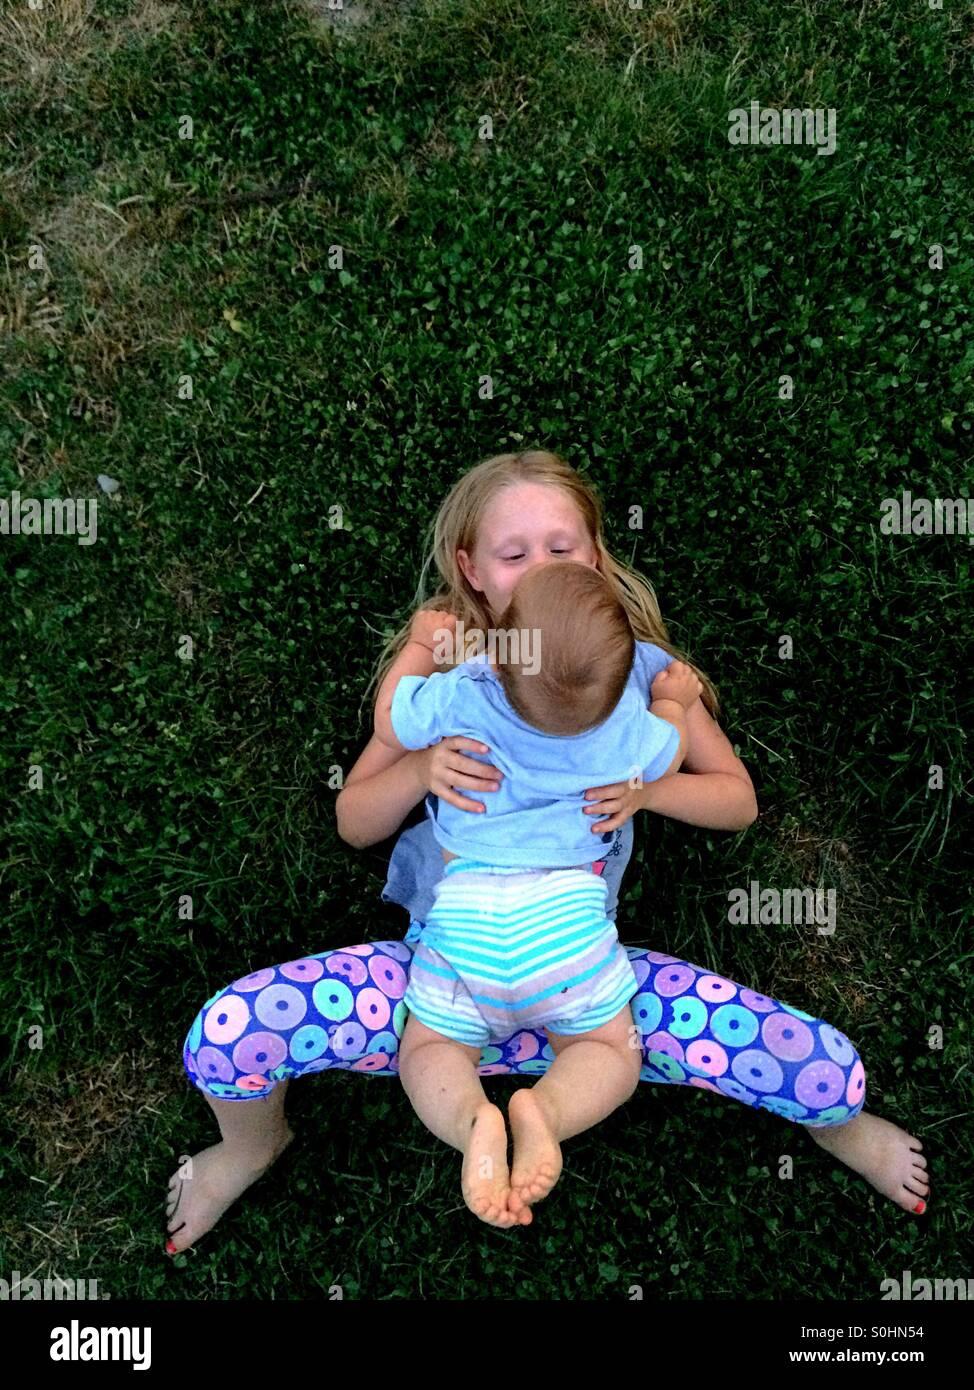 Fille couchée sur l'herbe à l'extérieur avec son frère Photo Stock